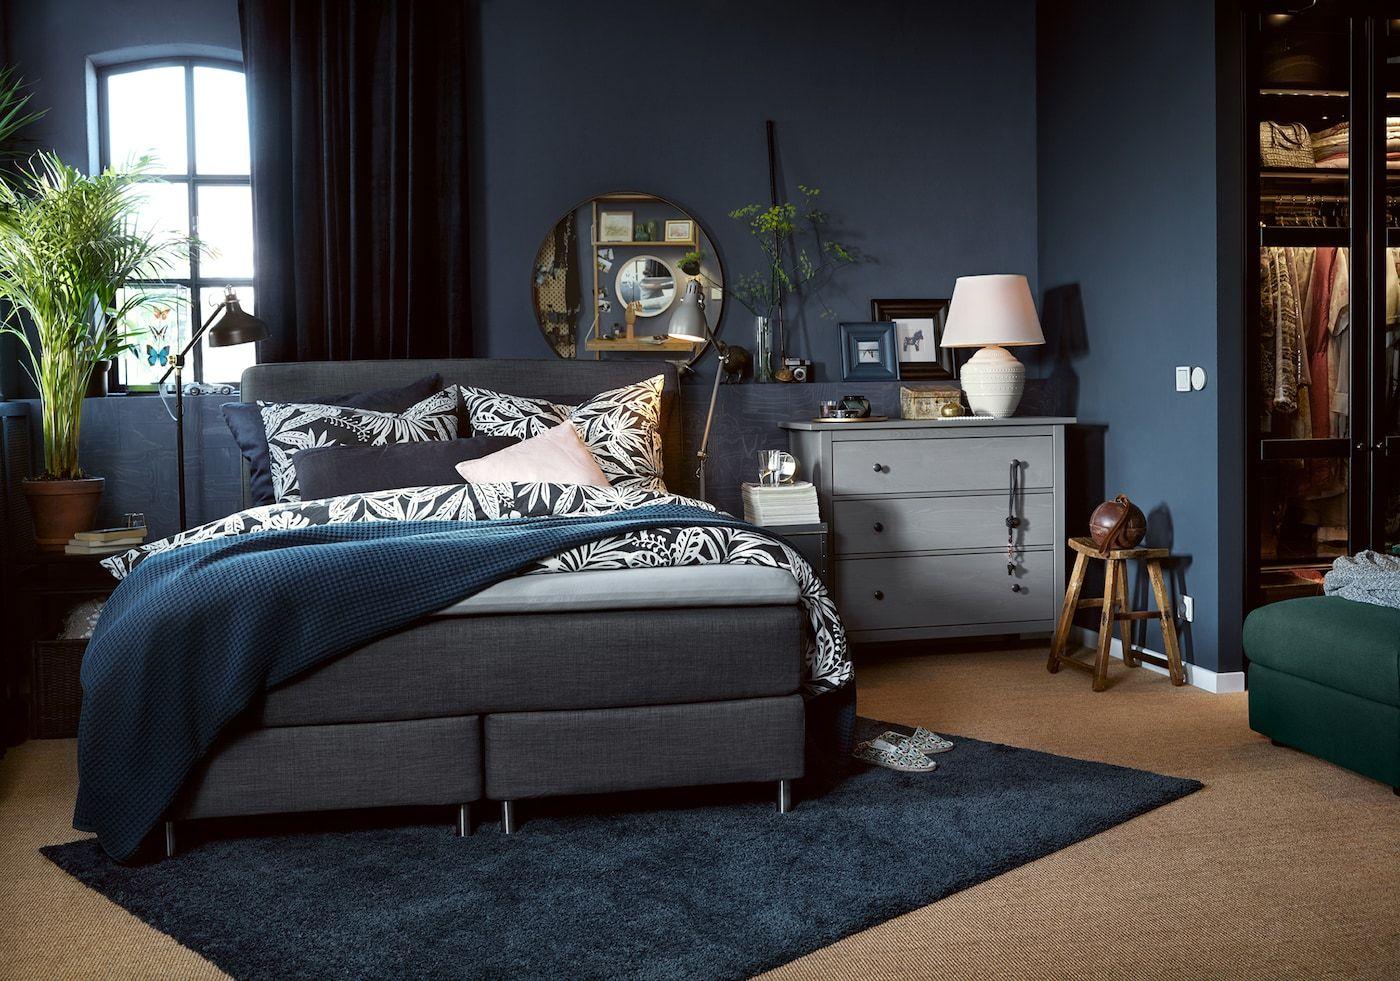 Schlafzimmer für besondere Momente gestalten in 11  Dunkles